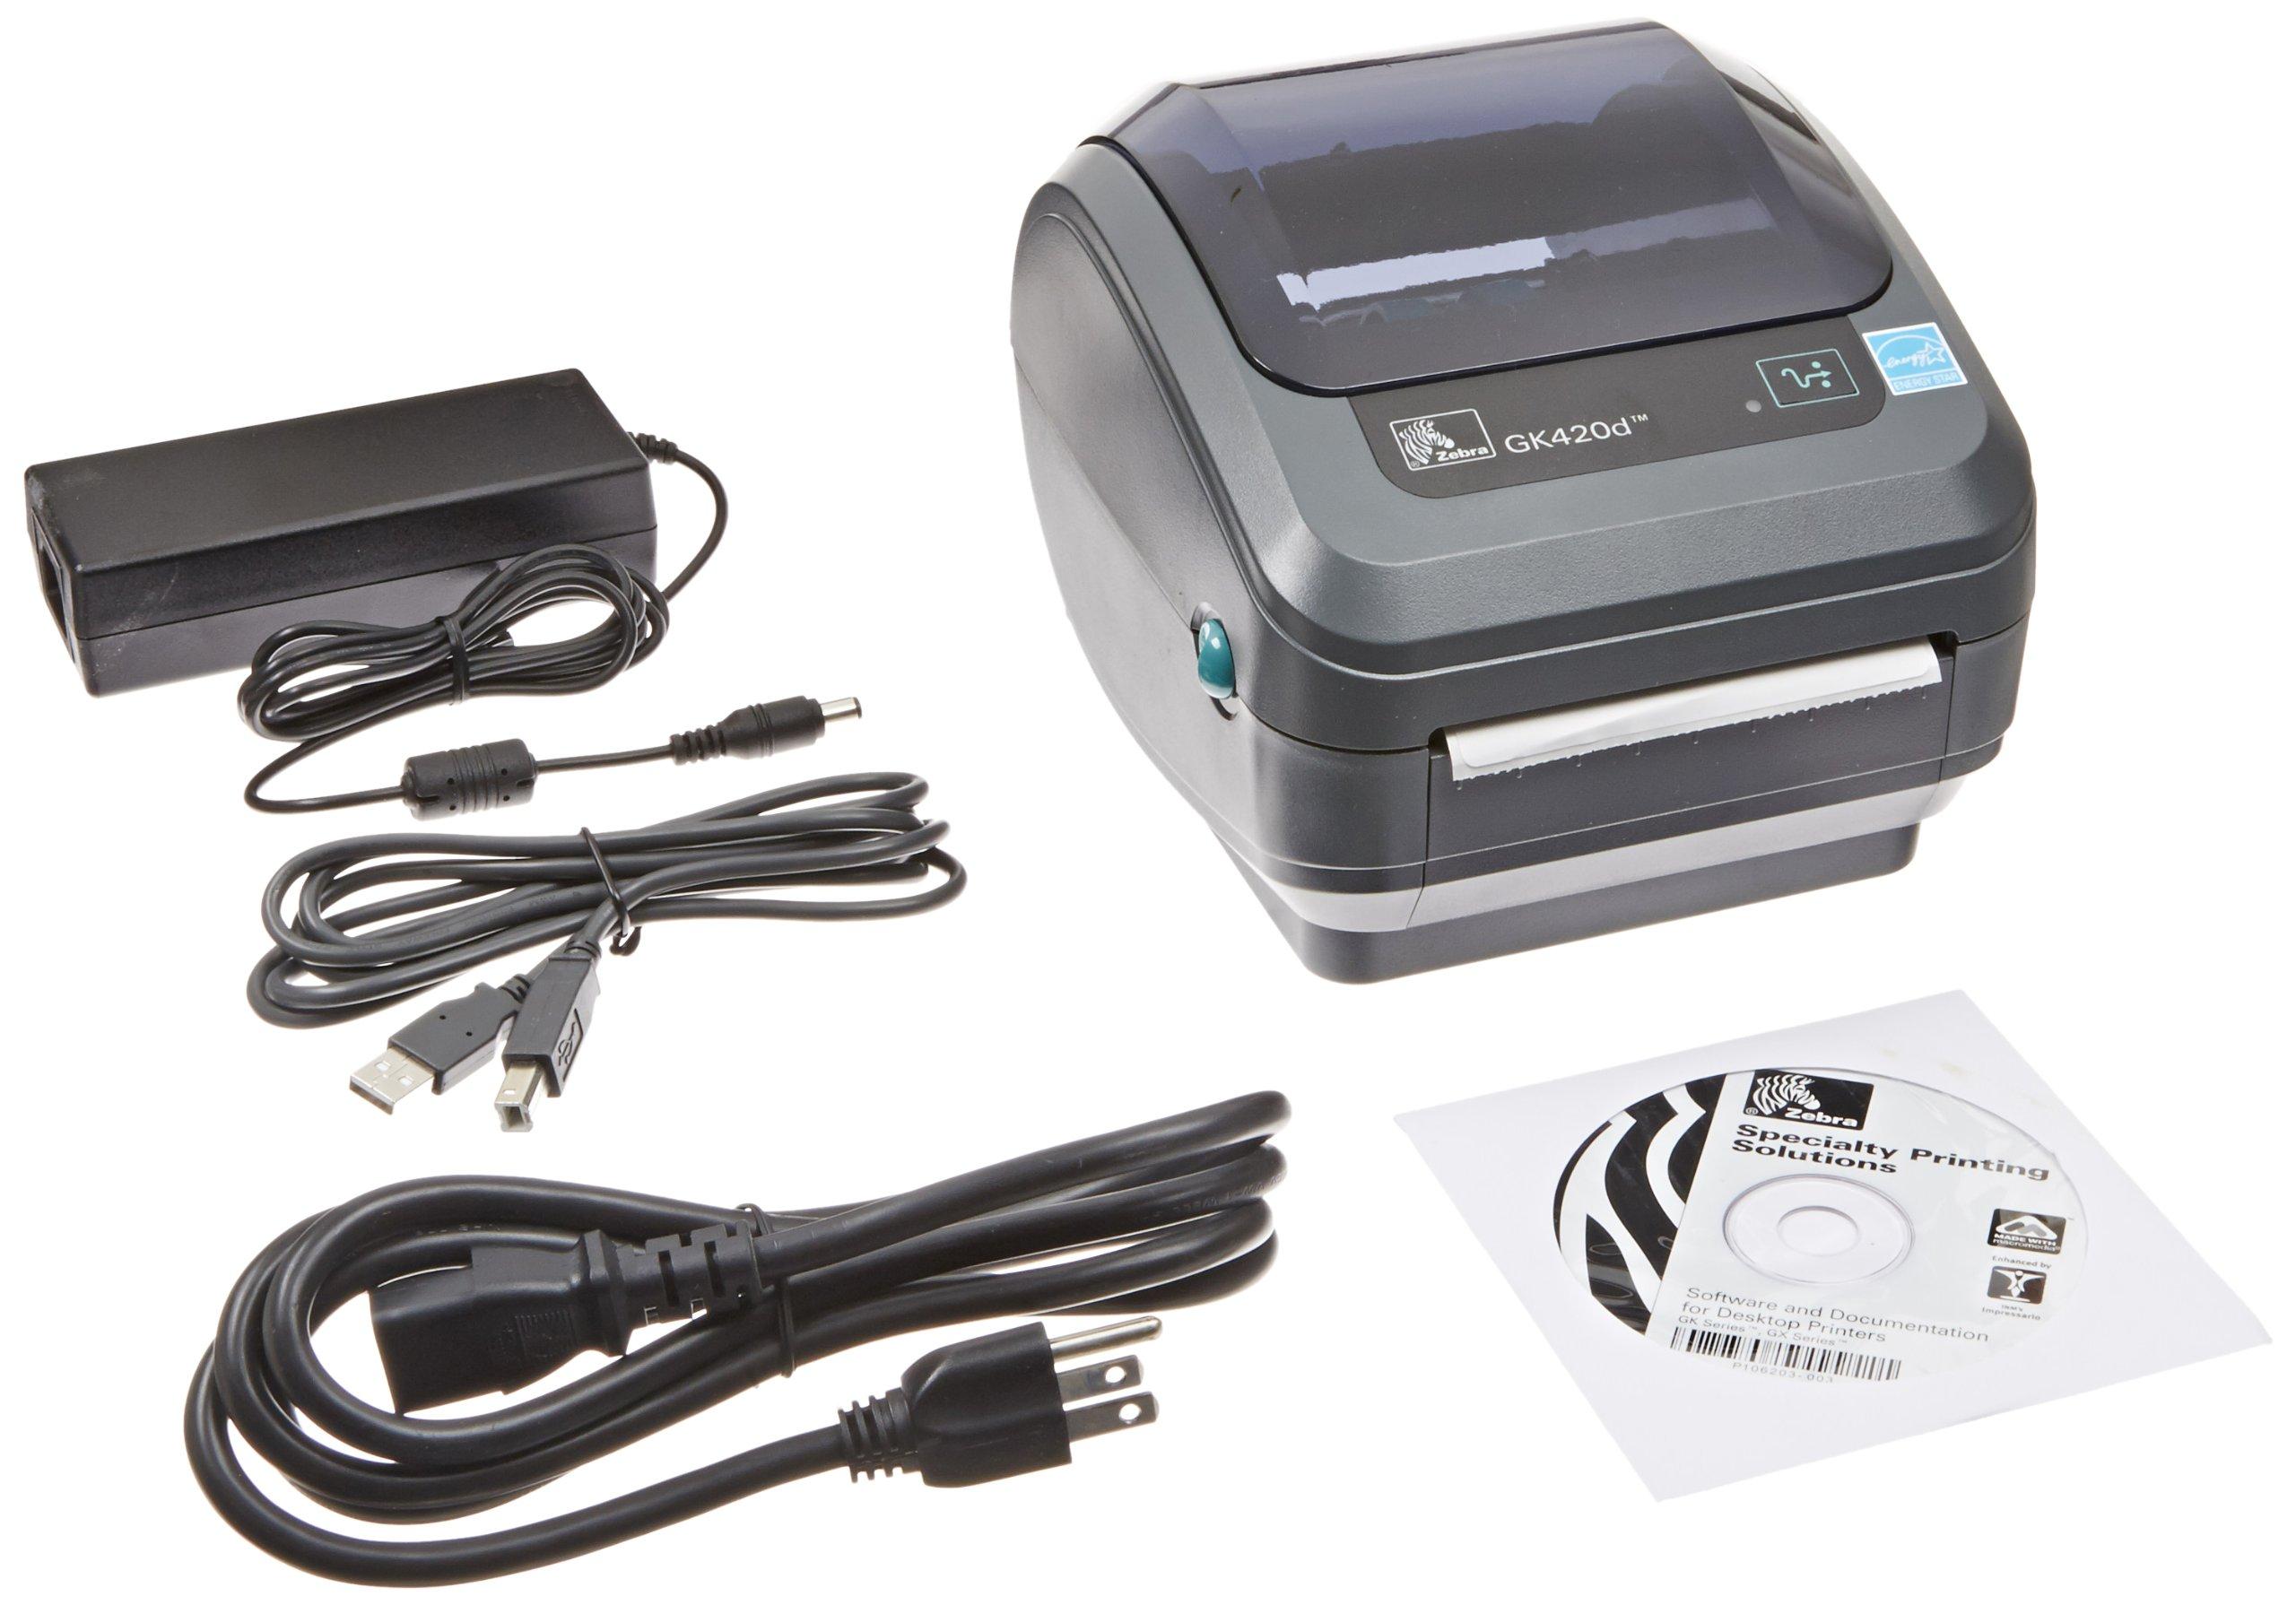 Zebra GK420d Monochrome Desktop Direct Thermal Label Printer, 5 in/s Print Speed, 203 dpi Print Resolution, 4.09'' Print Width, 100/240V AC